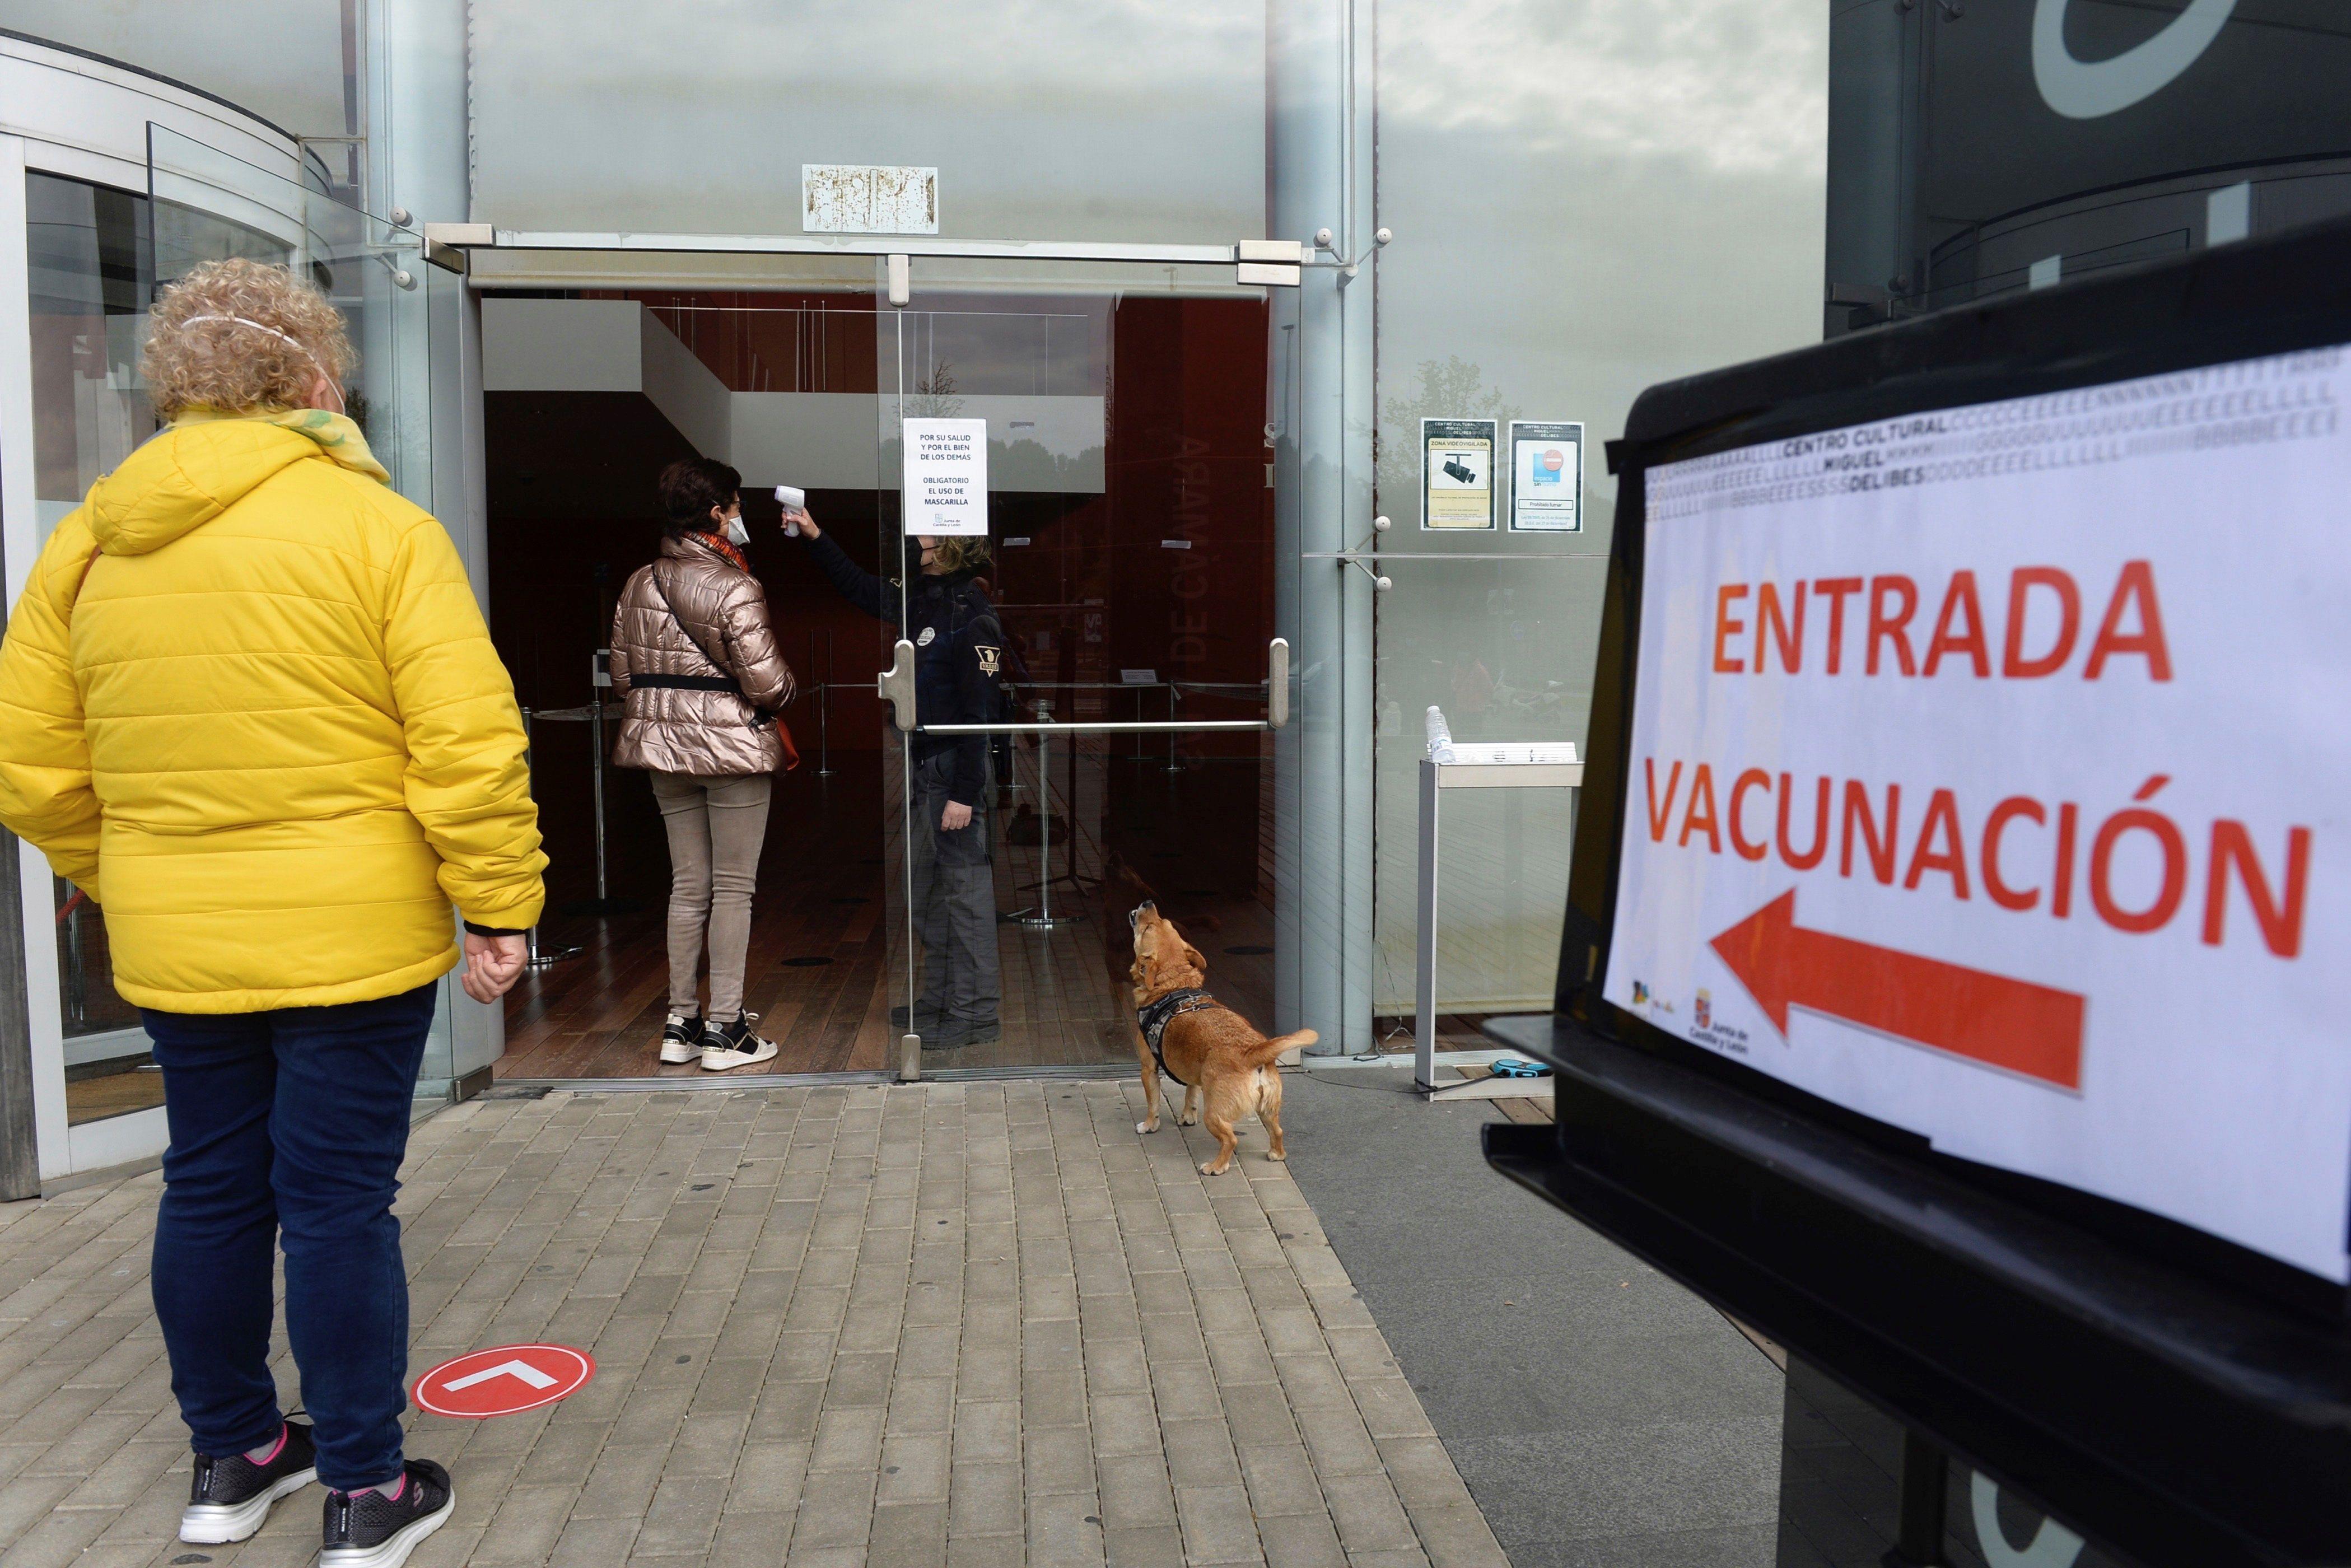 Varios ciudadanos hacen cola para vacunarse contra el Covid-19 en Valladolid.